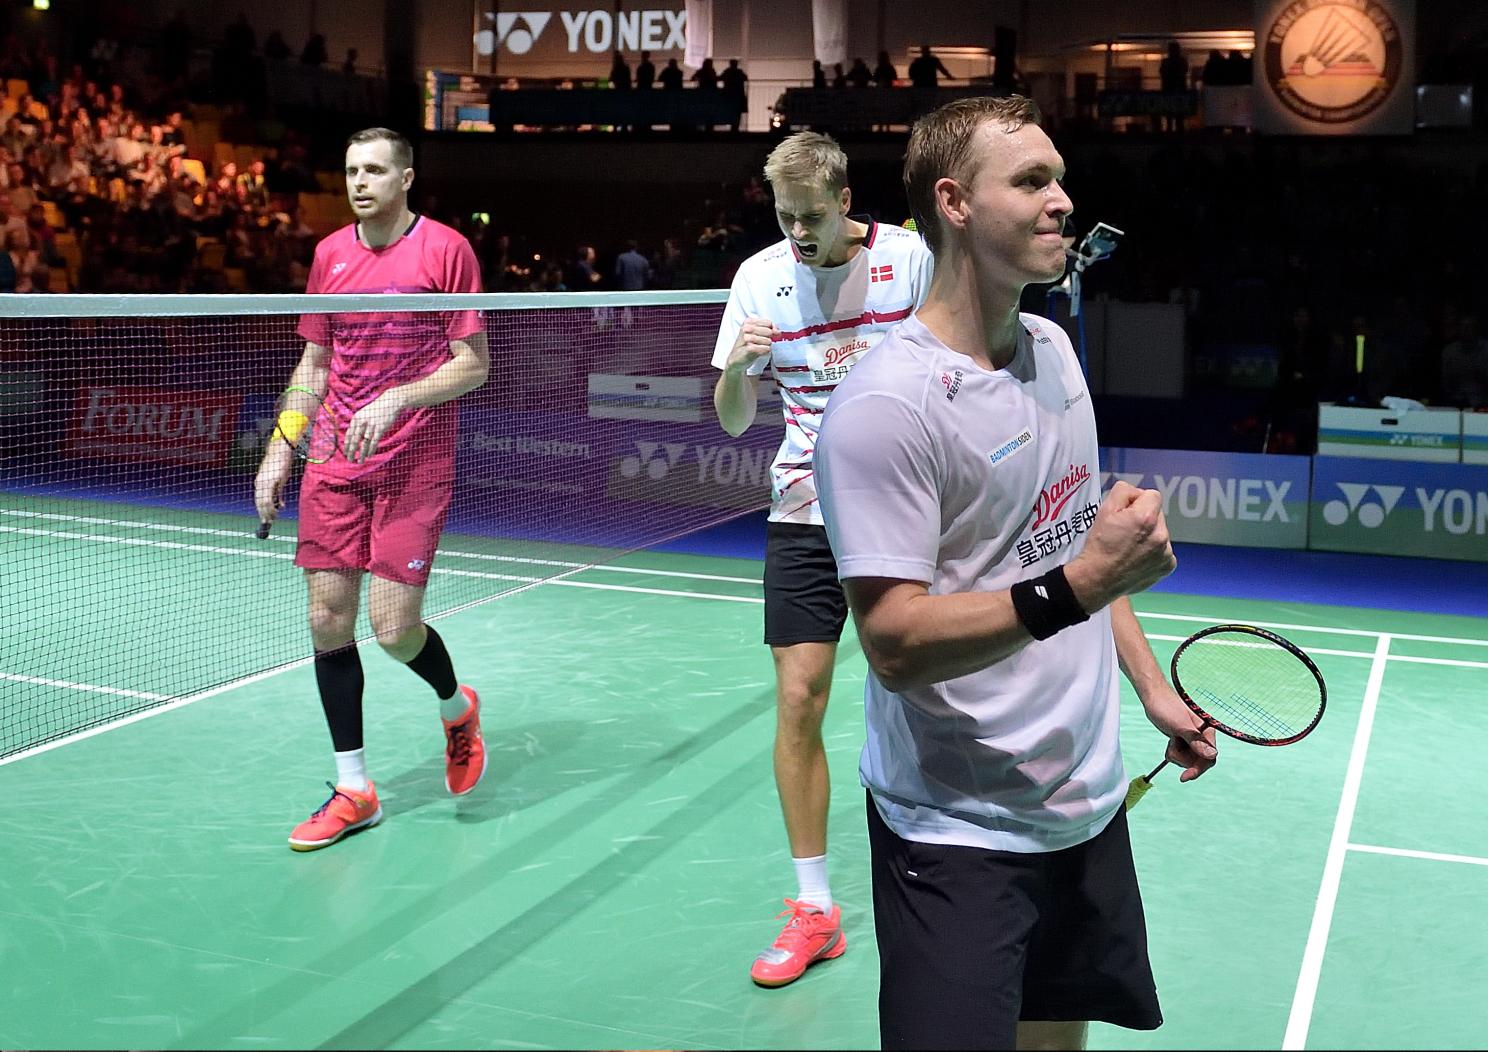 Die Sieger von 2015 ließen Vladimir Ivanov und Ivan Sozonov keine Chance